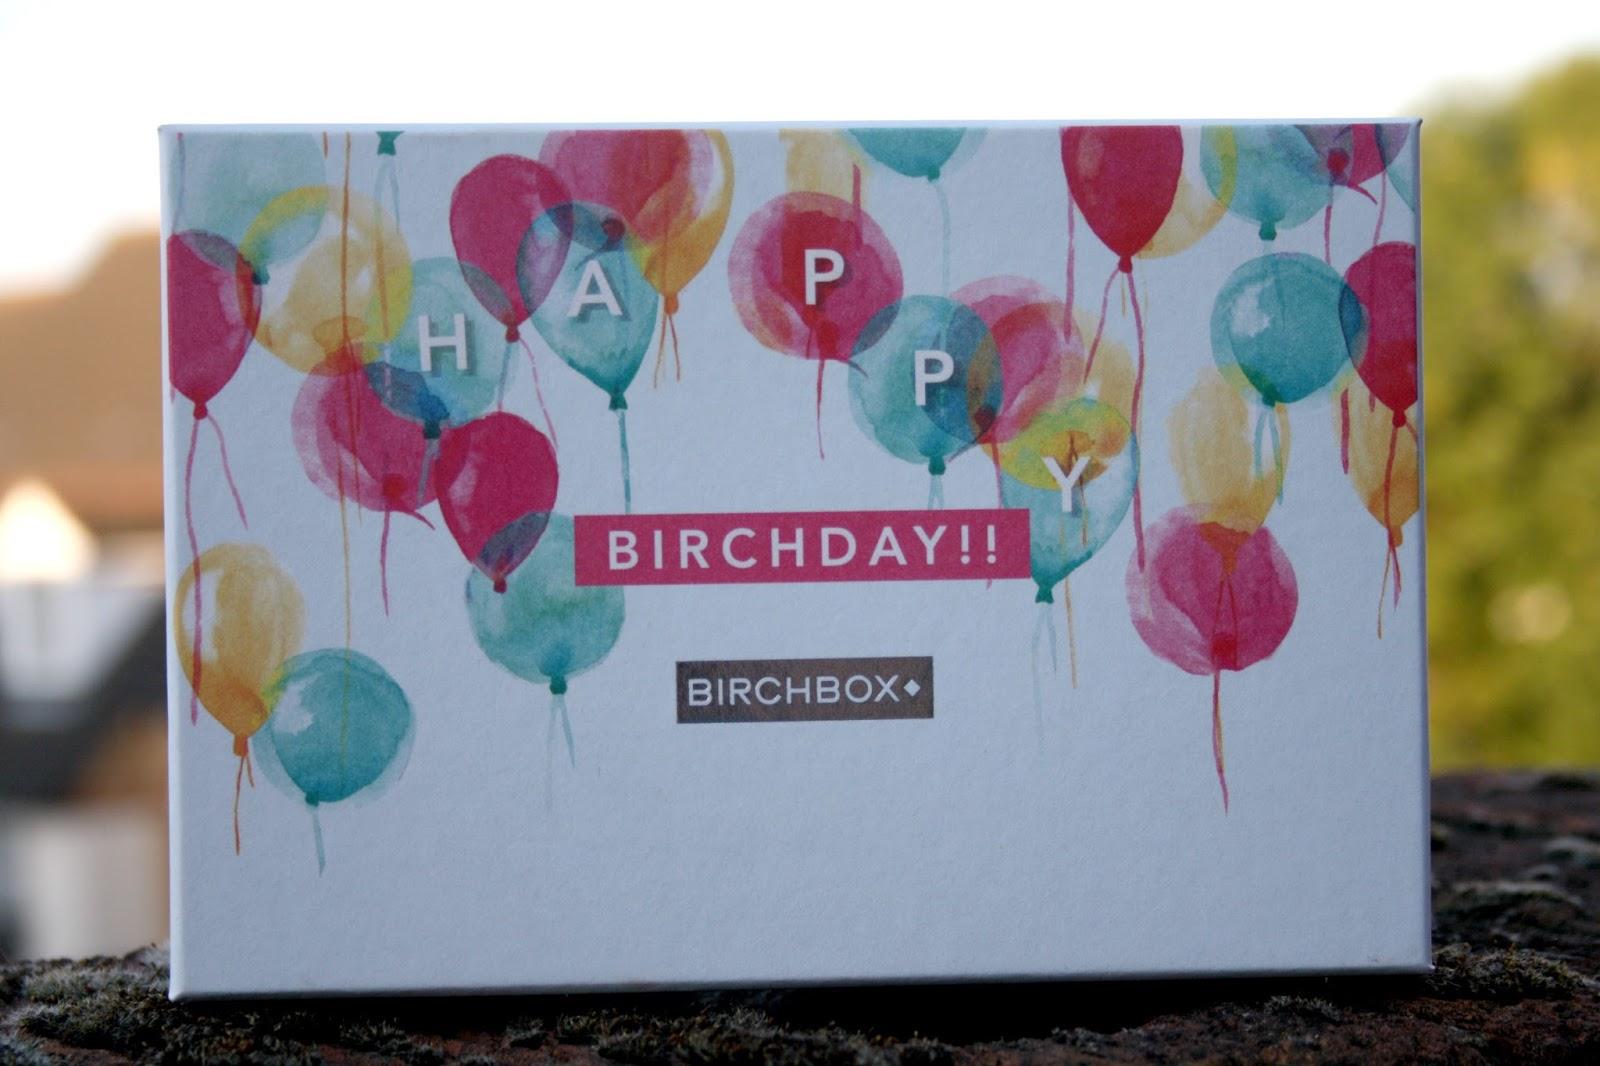 BirchboxBirthday